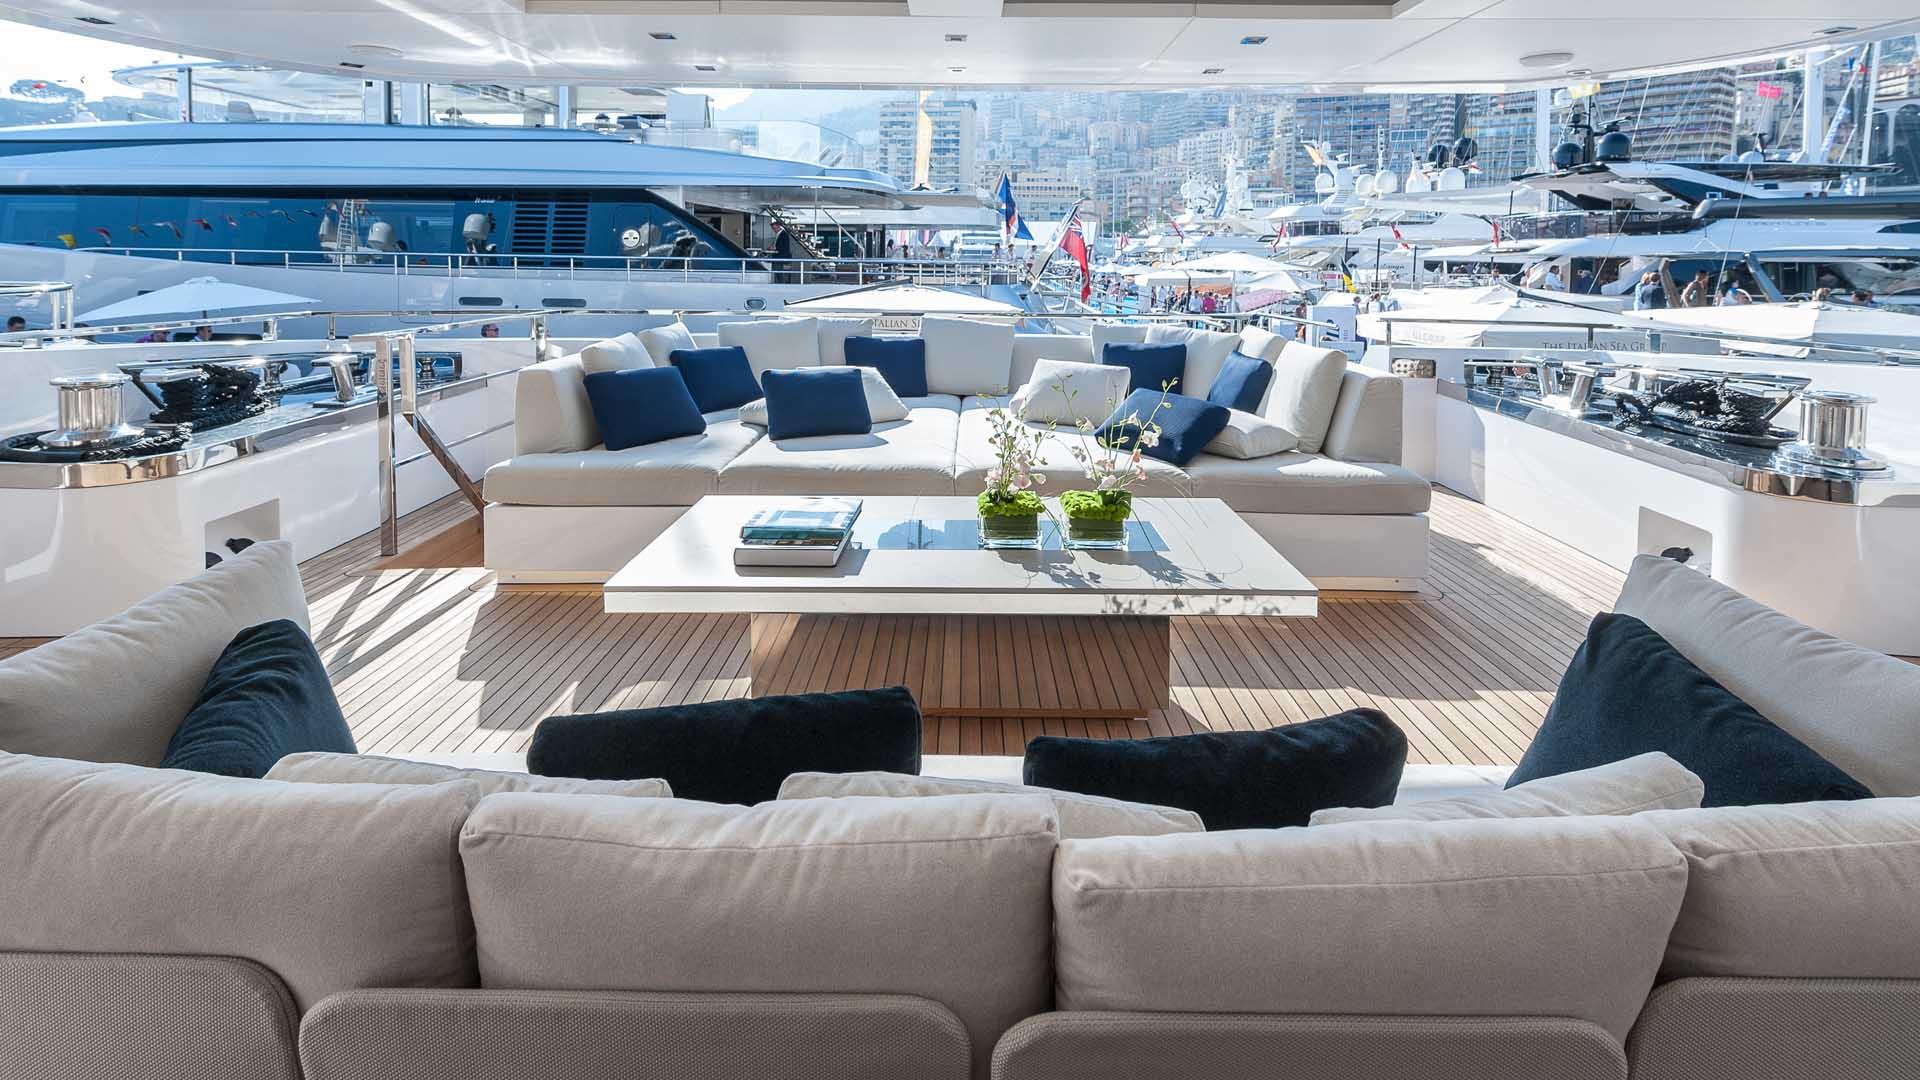 Yacht lusso yacht di lusso with yacht lusso yacht di for Interni lusso